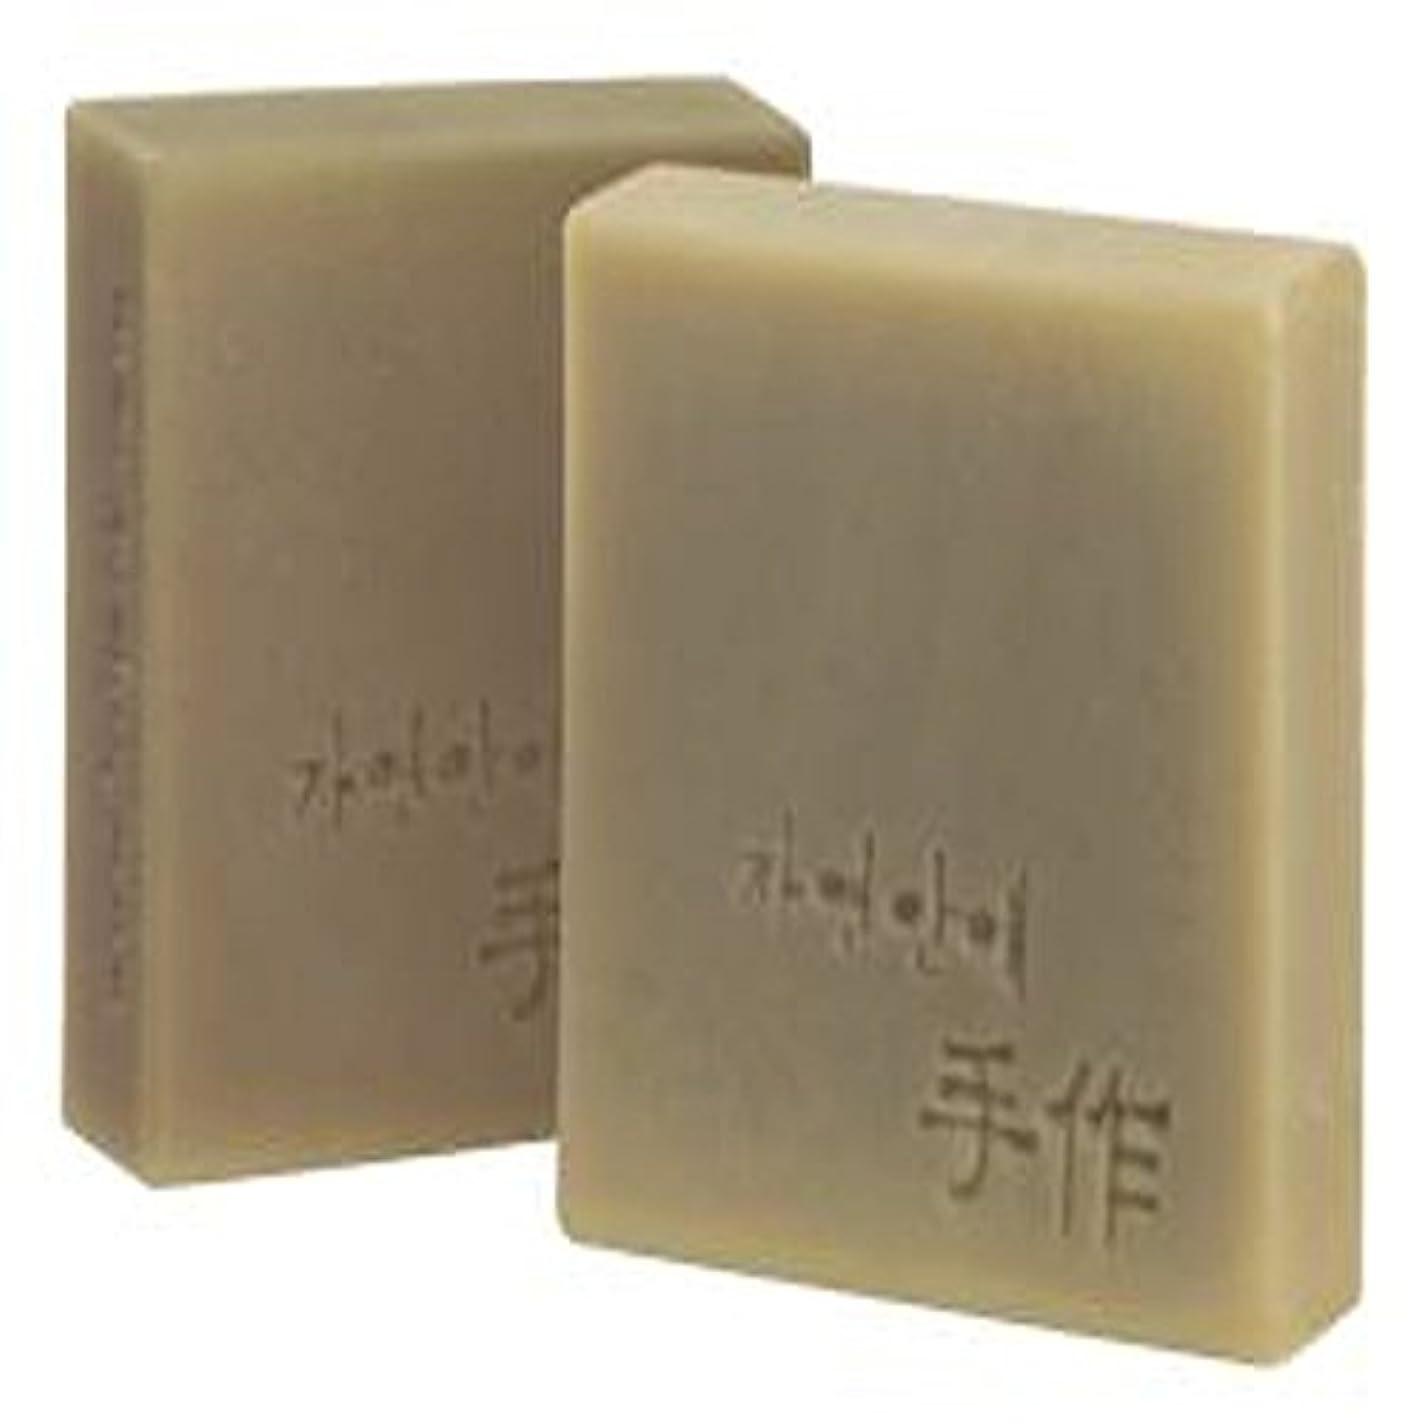 猛烈なびっくりするブランクNatural organic 有機天然ソープ 固形 無添加 洗顔せっけんクレンジング 石鹸 [並行輸入品] (清州)